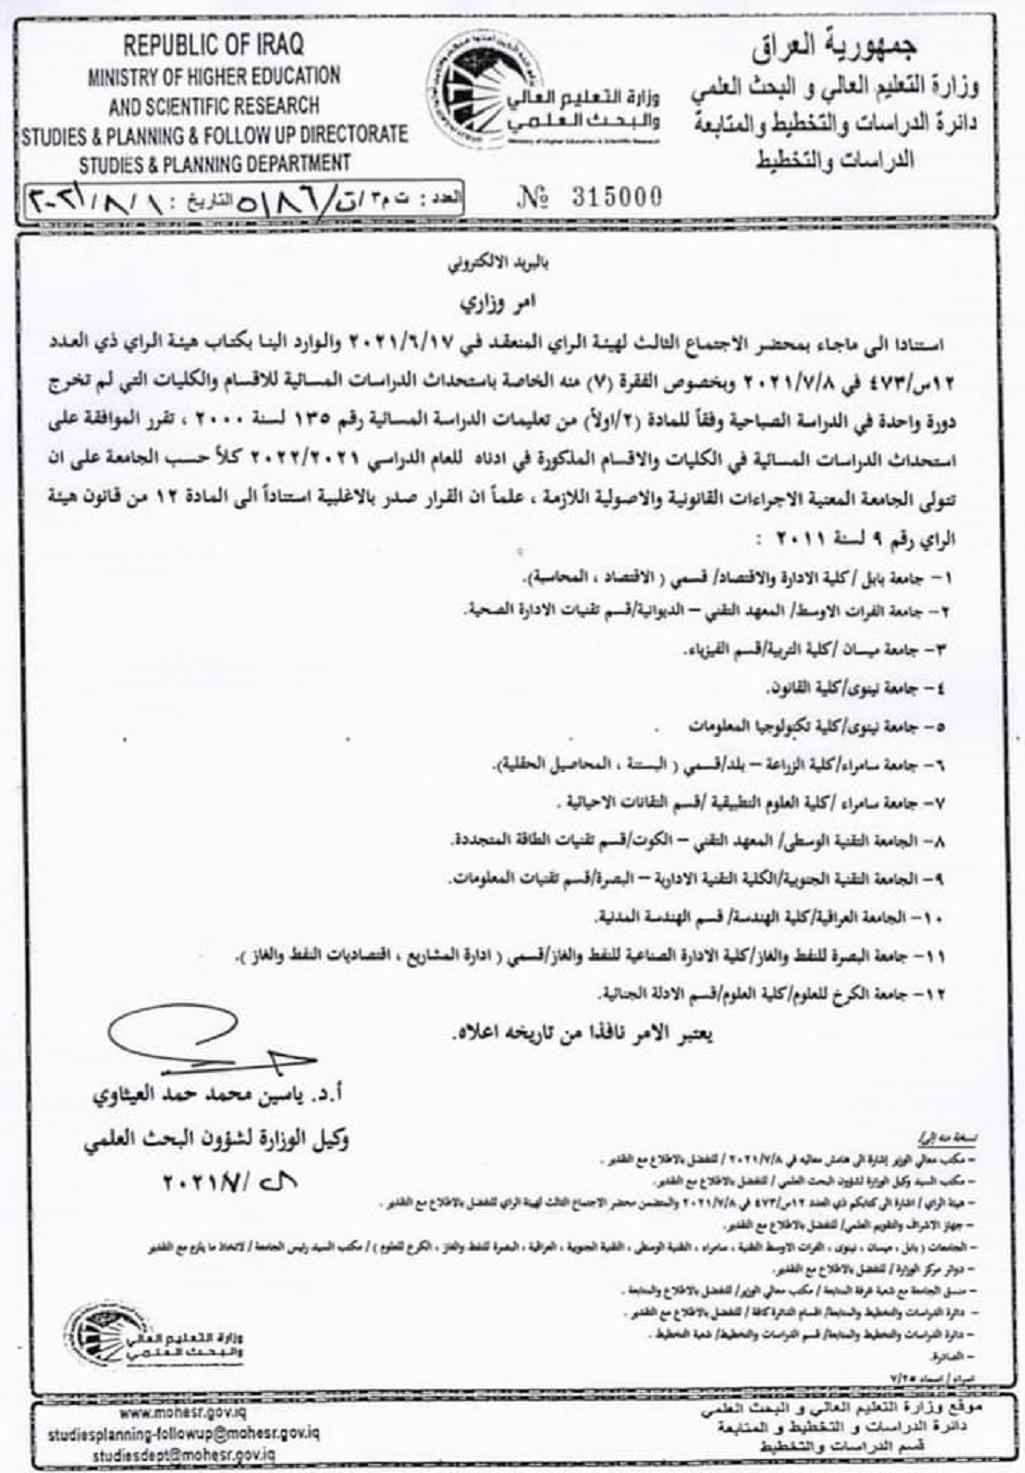 وزارة التعليم العالي والبحث العلمي توافق على استحداث الدراسة المسائية في قسمي ادارة المشاريع النفطية واقتصاديات النفط والغاز